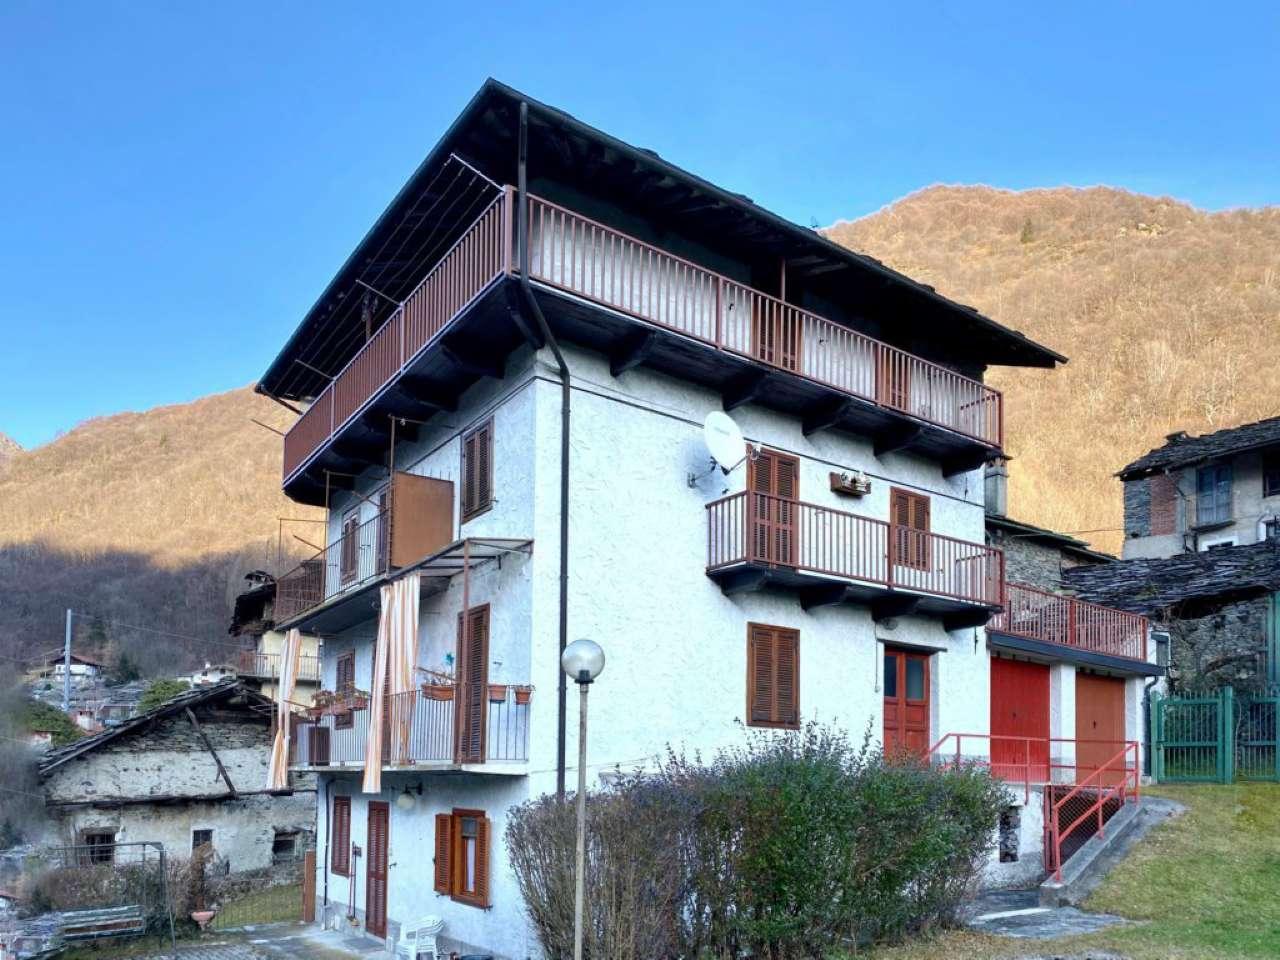 Soluzione Semindipendente in vendita a Cantoira, 3 locali, prezzo € 29.000 | CambioCasa.it